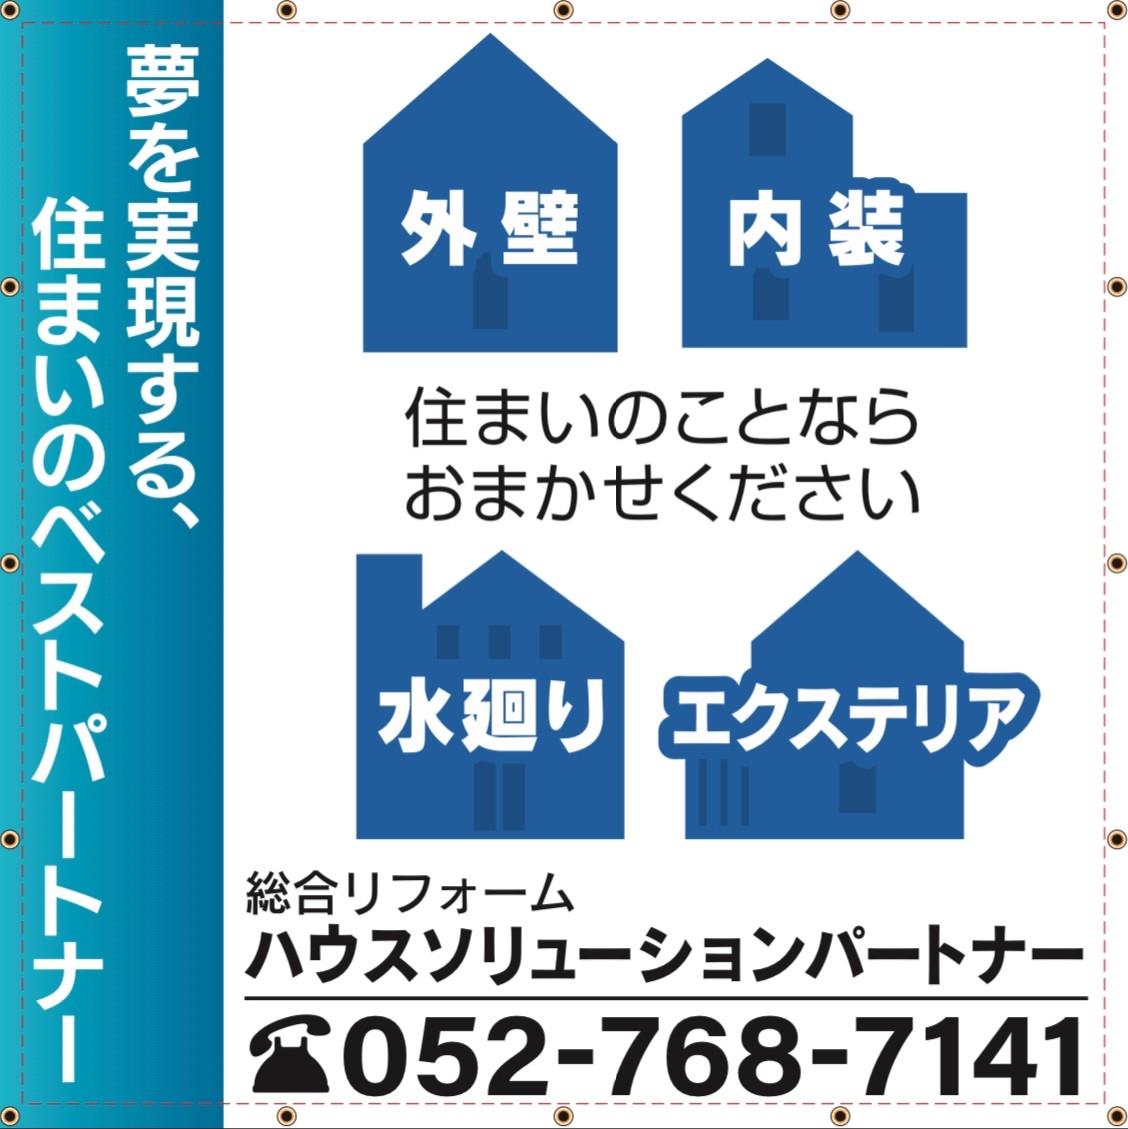 jirei_image62318